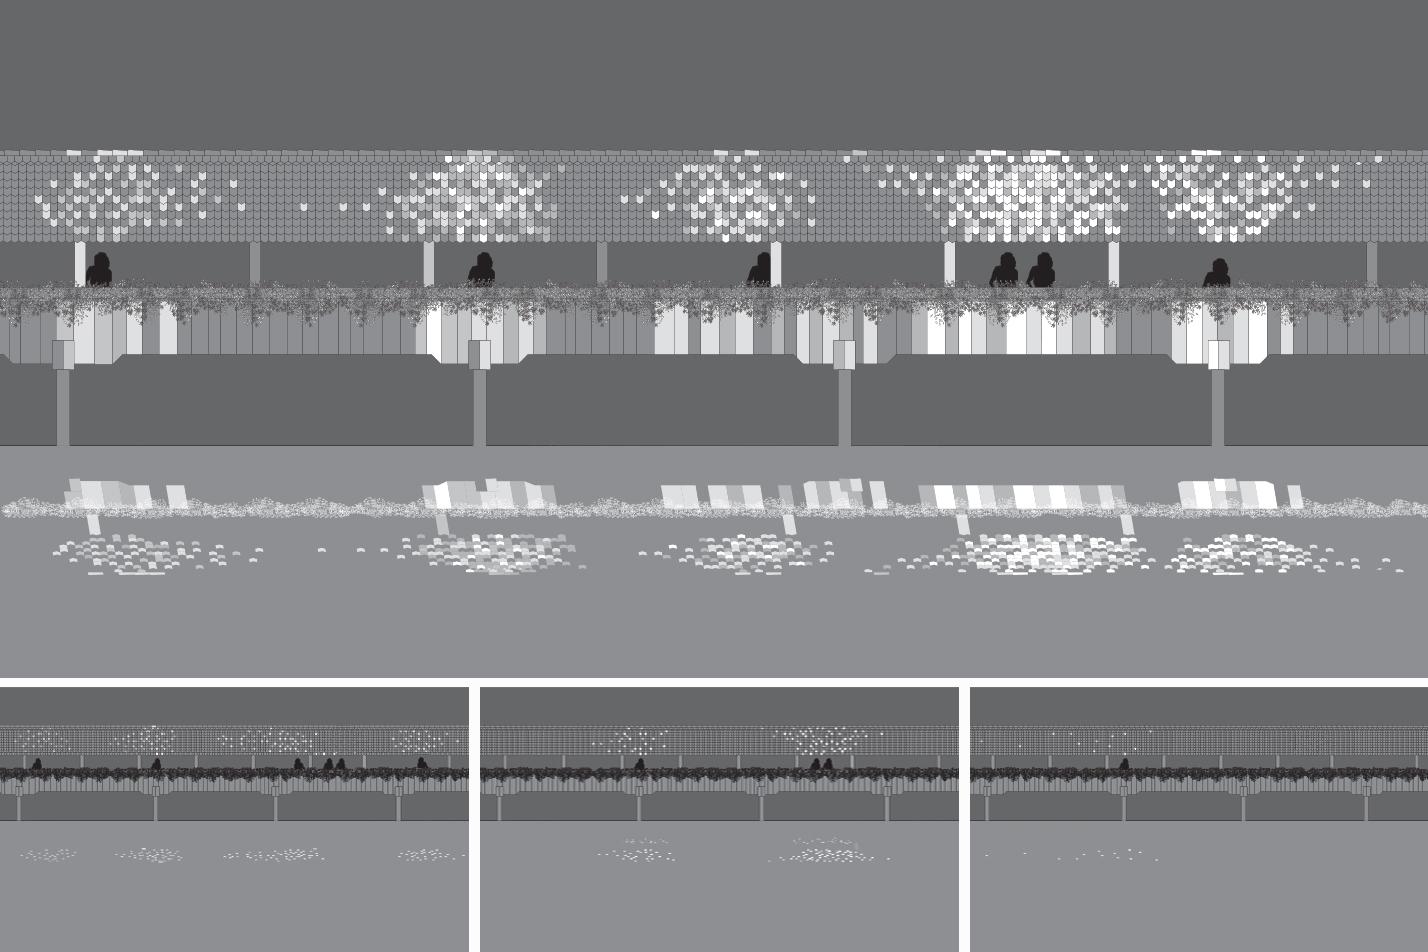 particleplan4.jpg